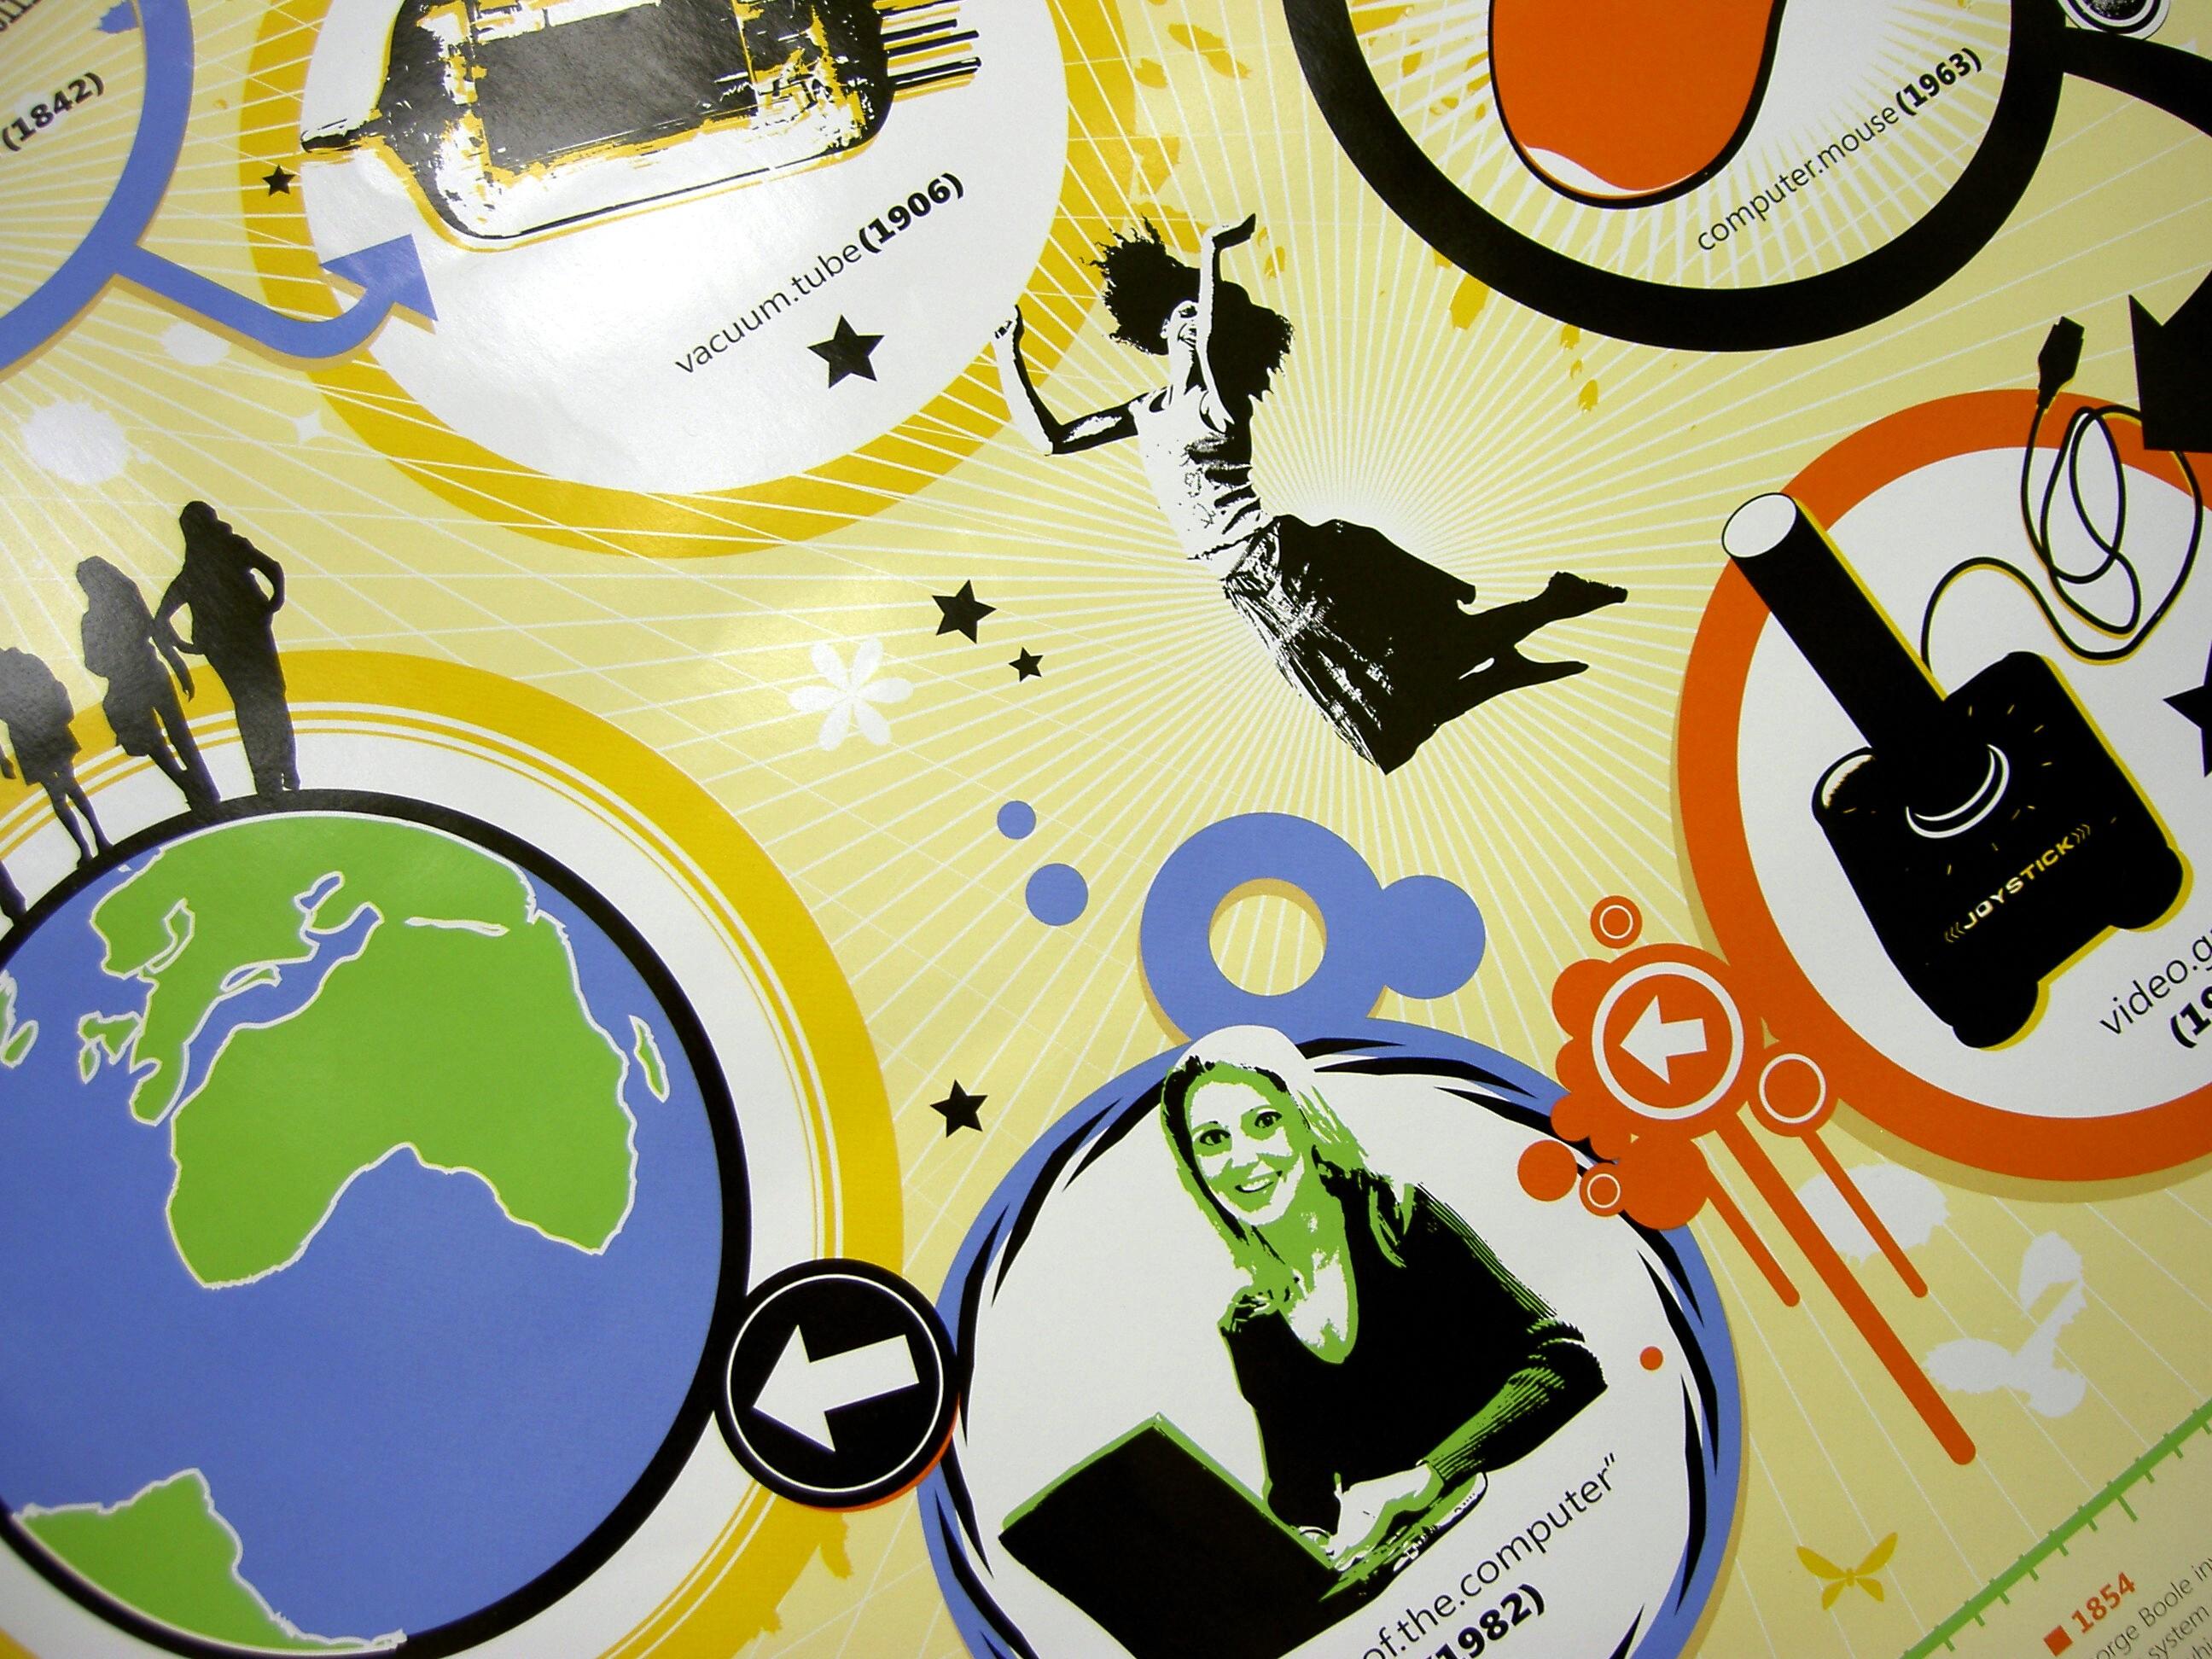 digitalización, digital, beneficios, documentos, compartir, gestión ágil